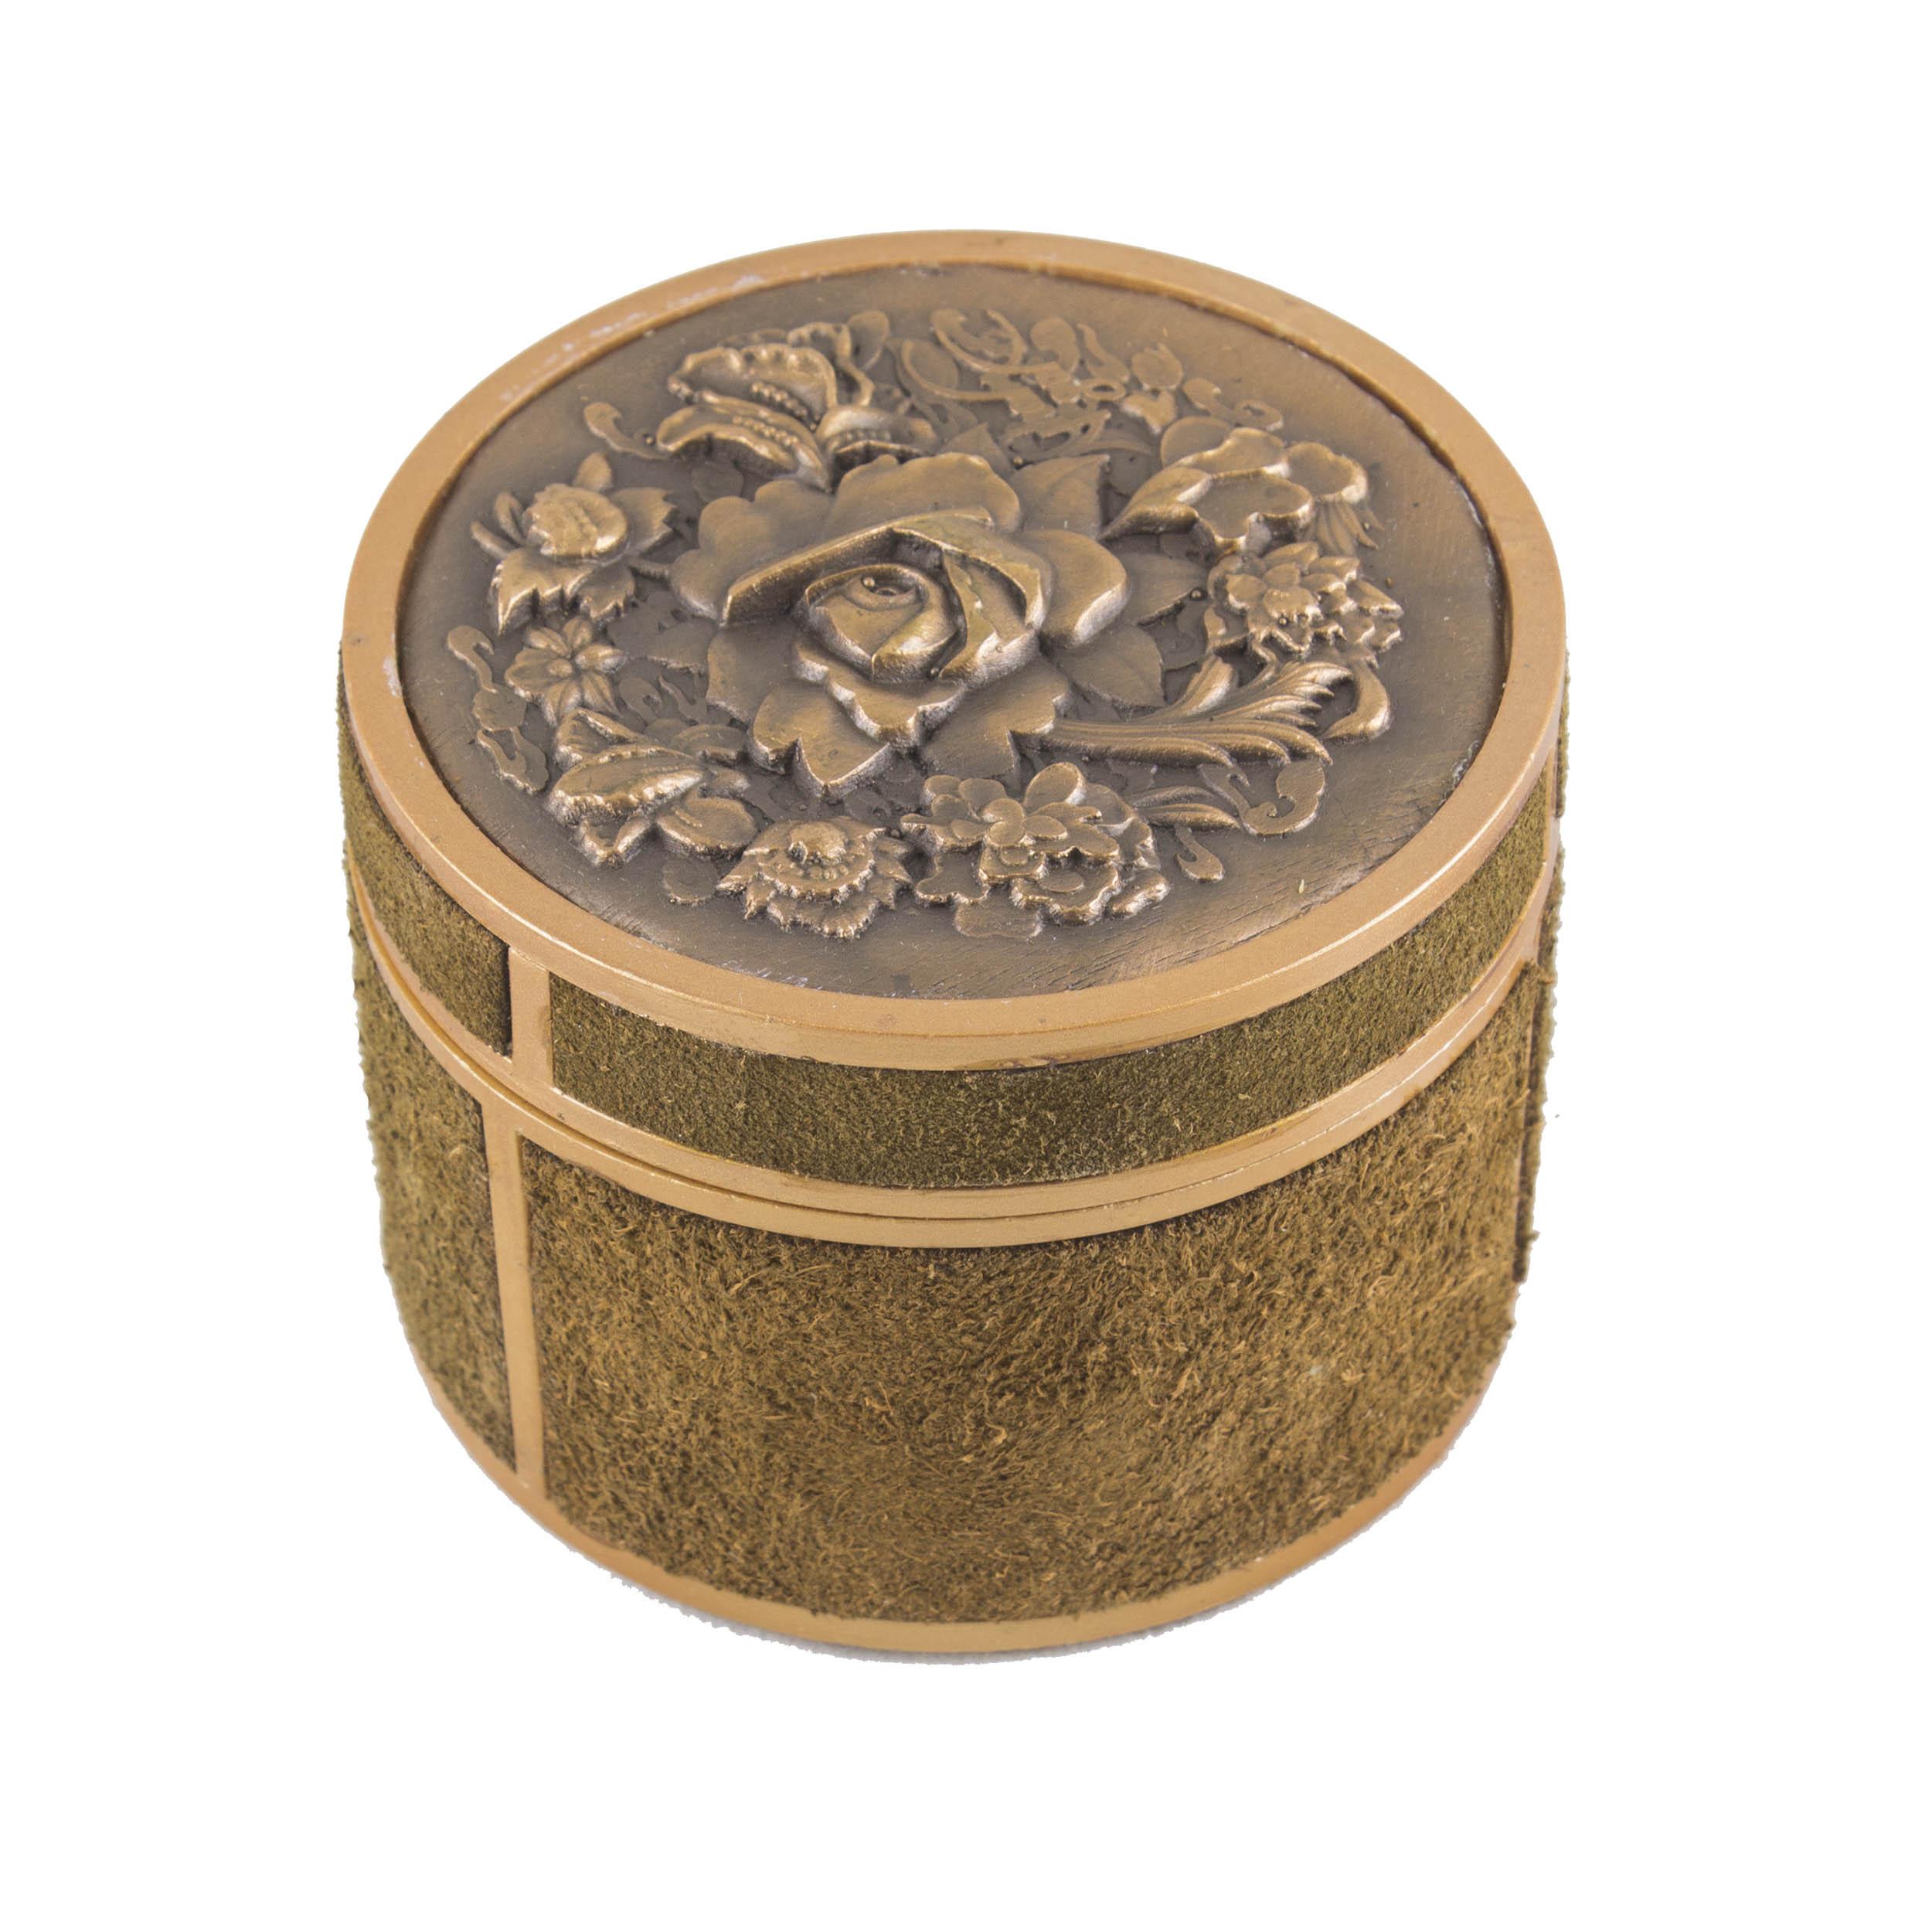 جعبه جواهرات چرم نگار کد CN-203150